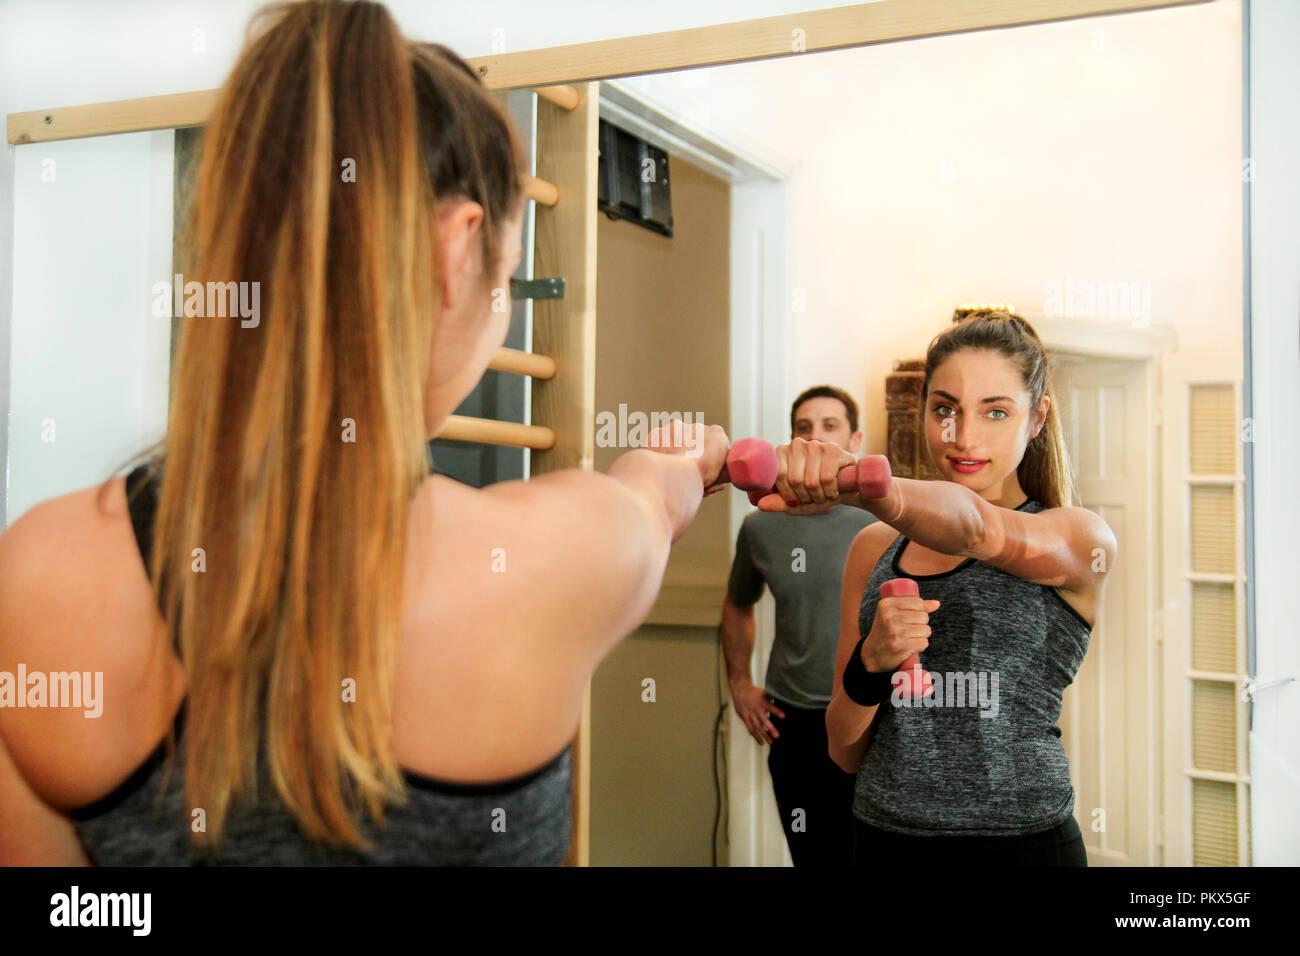 Deportes mujer ejercicio con levantamiento de pesas en el gimnasio. Guapo joven haciendo kick boxing directamente en el gimnasio. Deporte, fitness, sano. Imagen De Stock